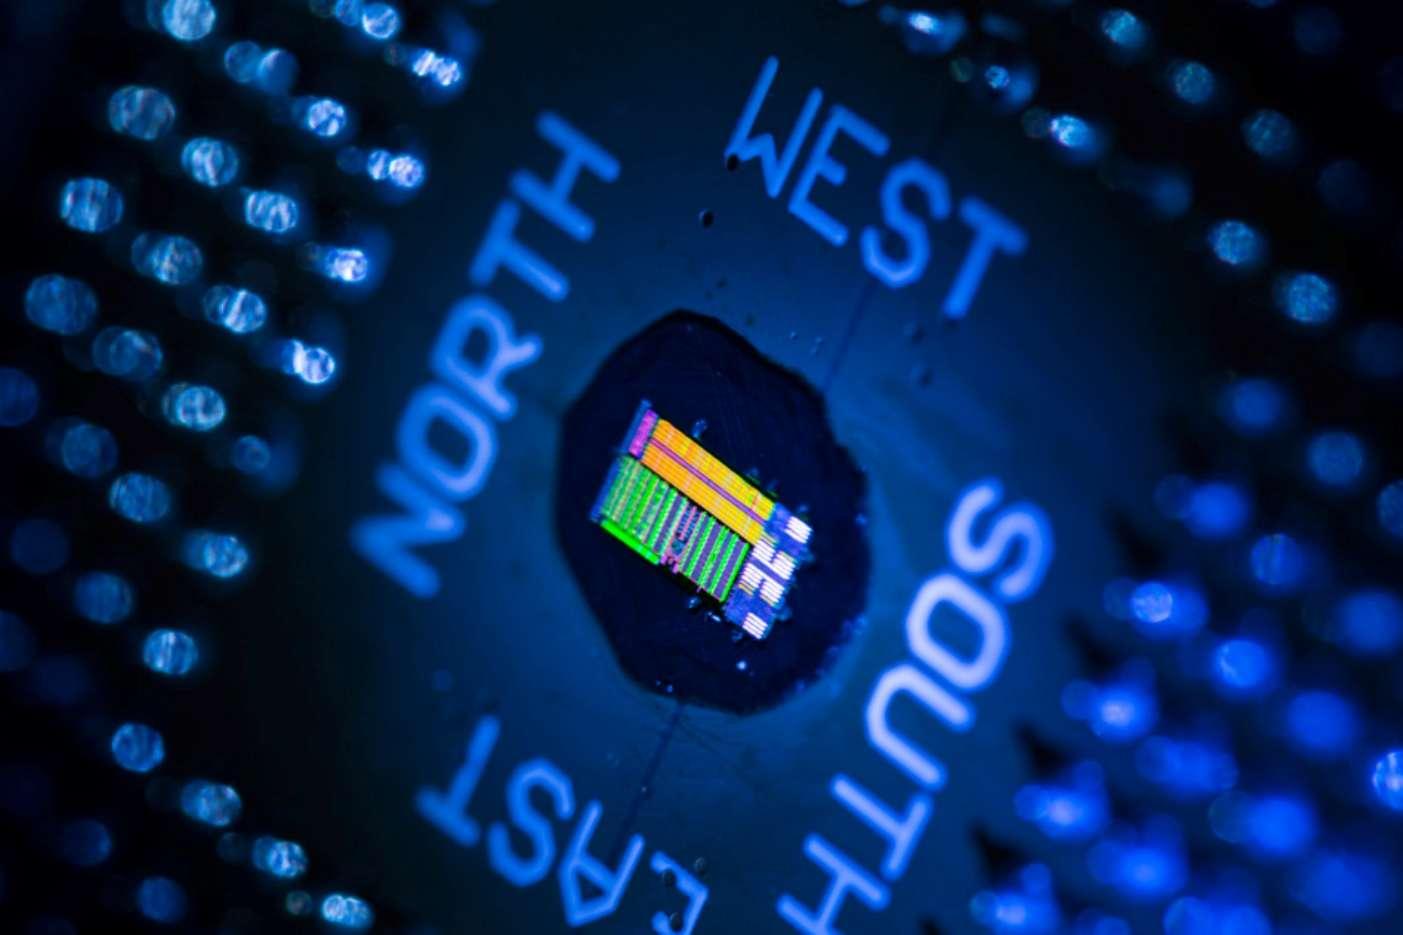 Entre électronique et optique, une puce optronique permet d'envisager des ordinateurs plus rapides et moins gourmands en énergie dans le futur. © Glenn J. Asakawa